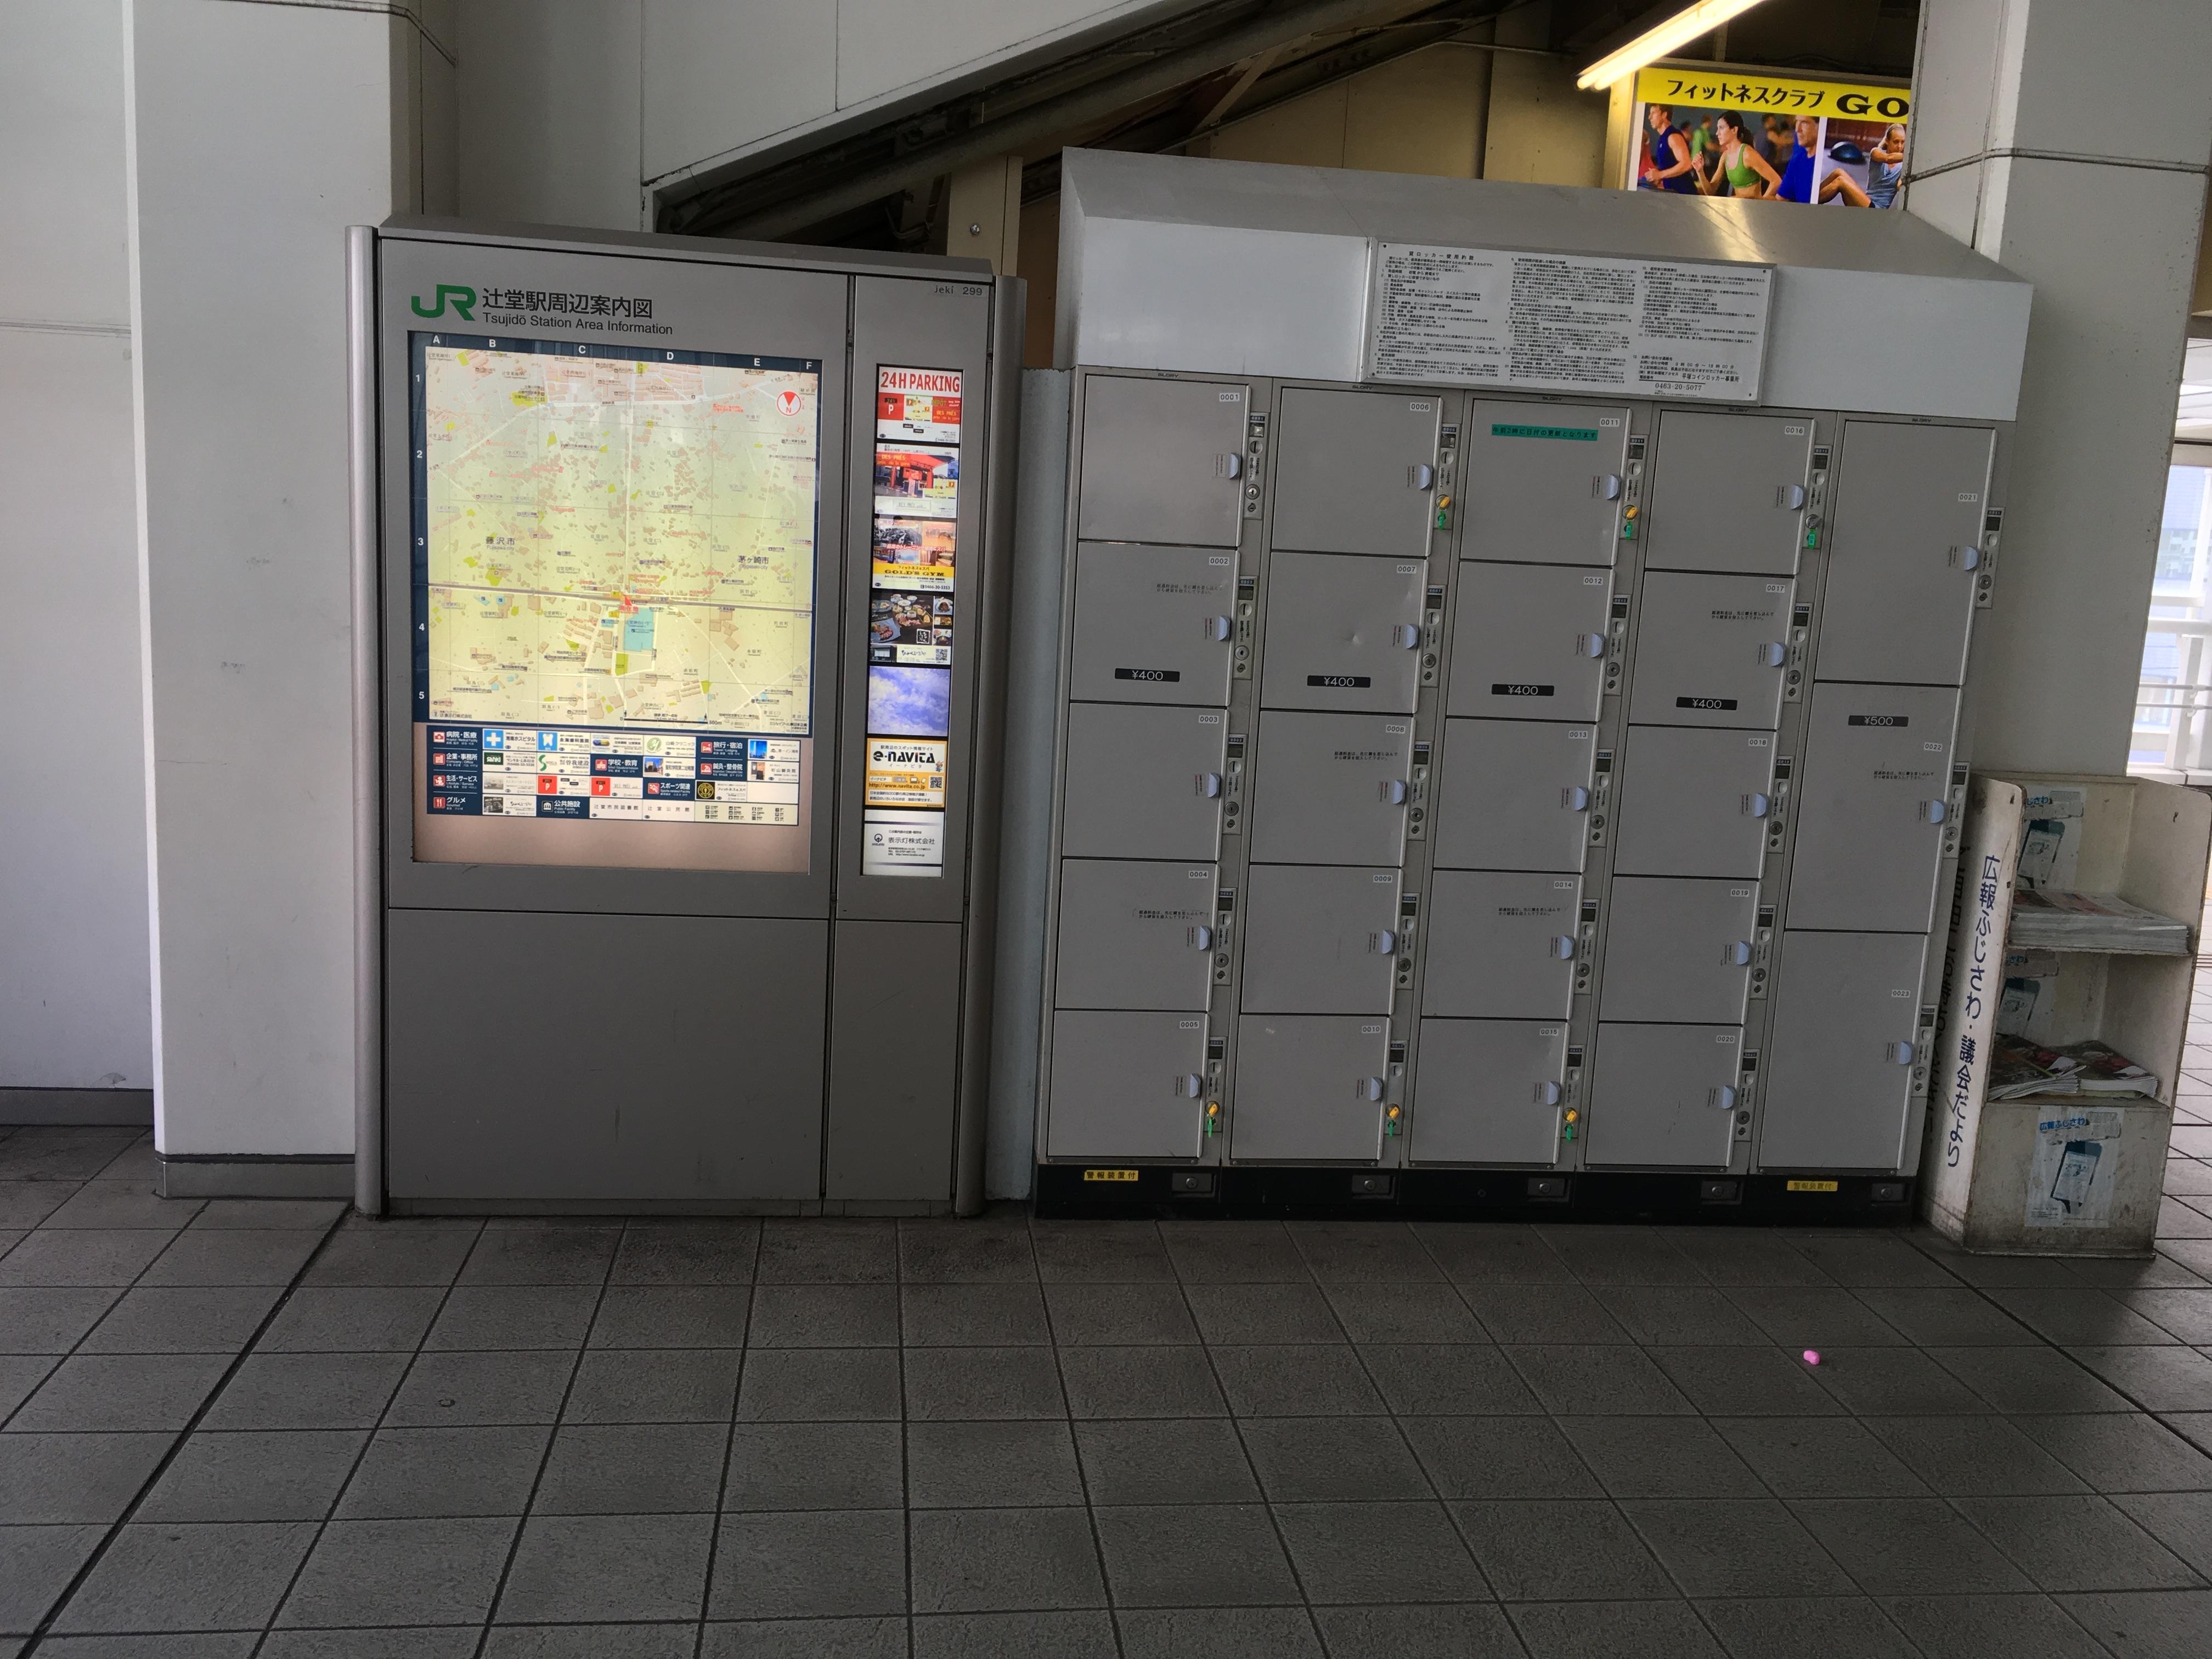 【最新版】辻堂駅のコインロッカーの詳細情報(サイズ、個数、実際の写真)